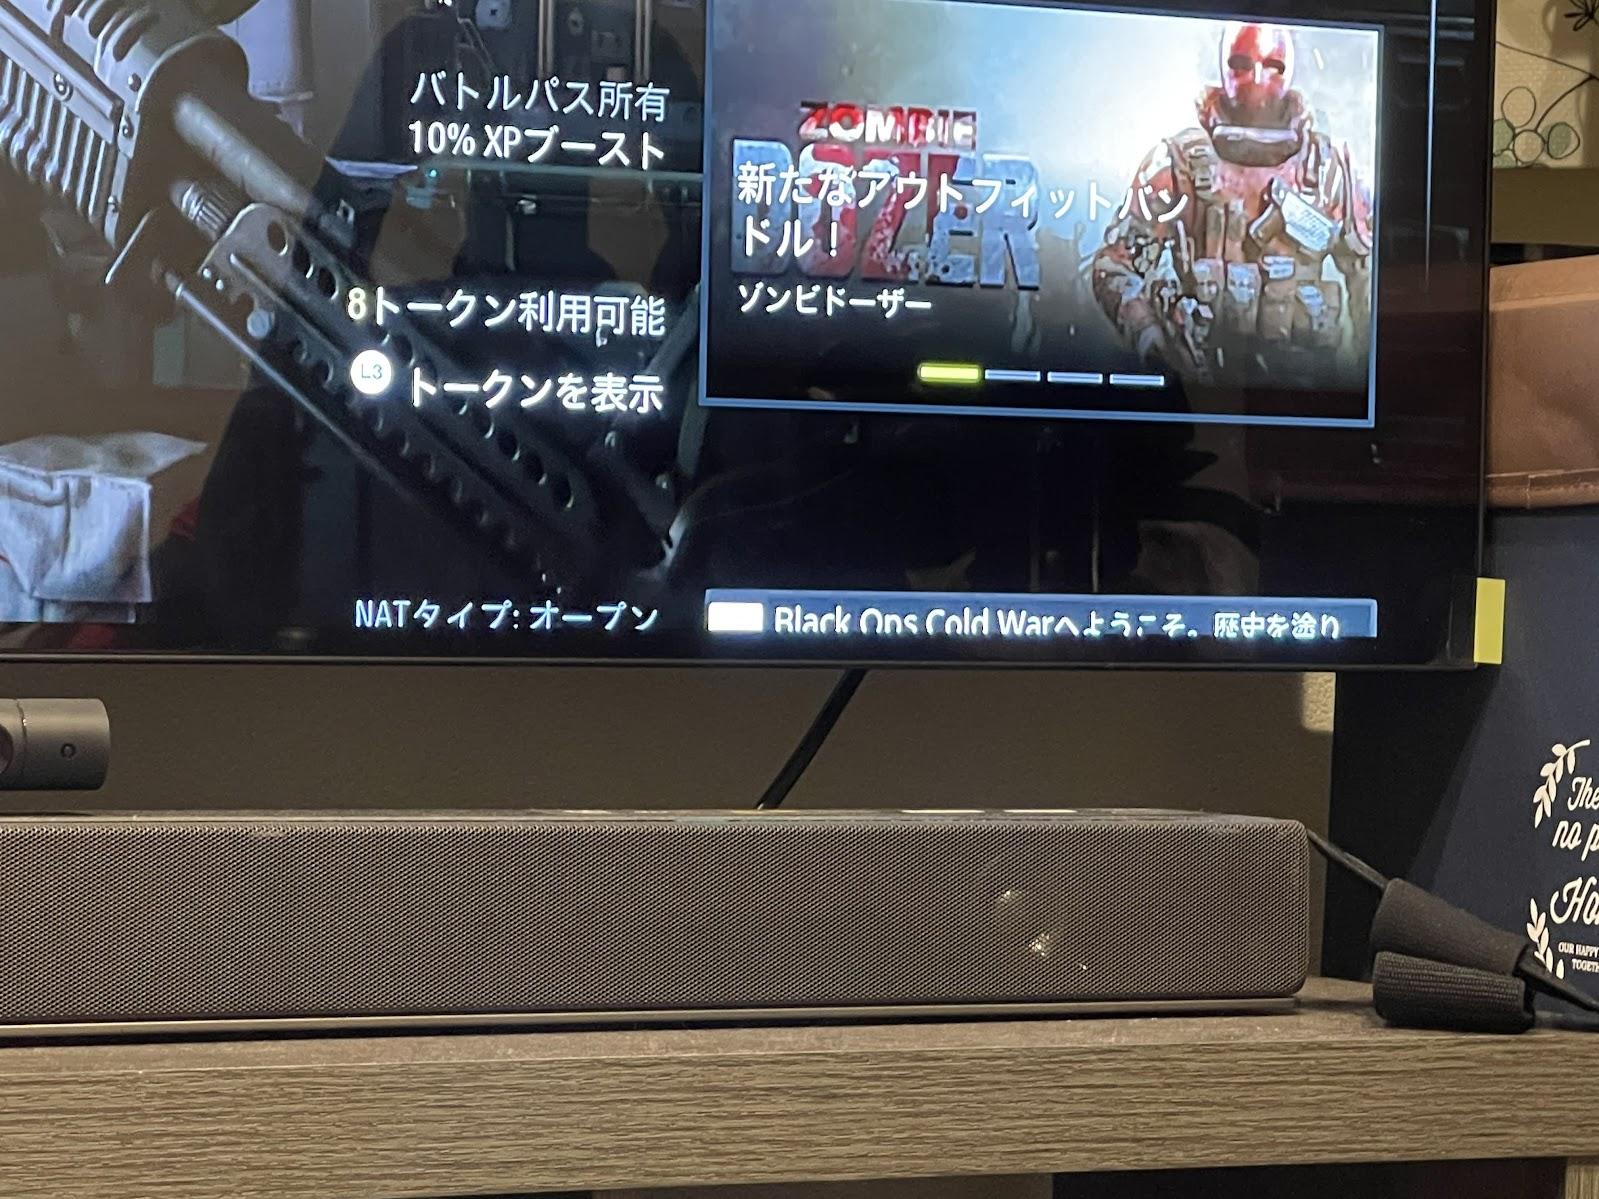 テレビ(OLED55CXPJA)でPS4の画像が切れちゃう問題 ← 解決